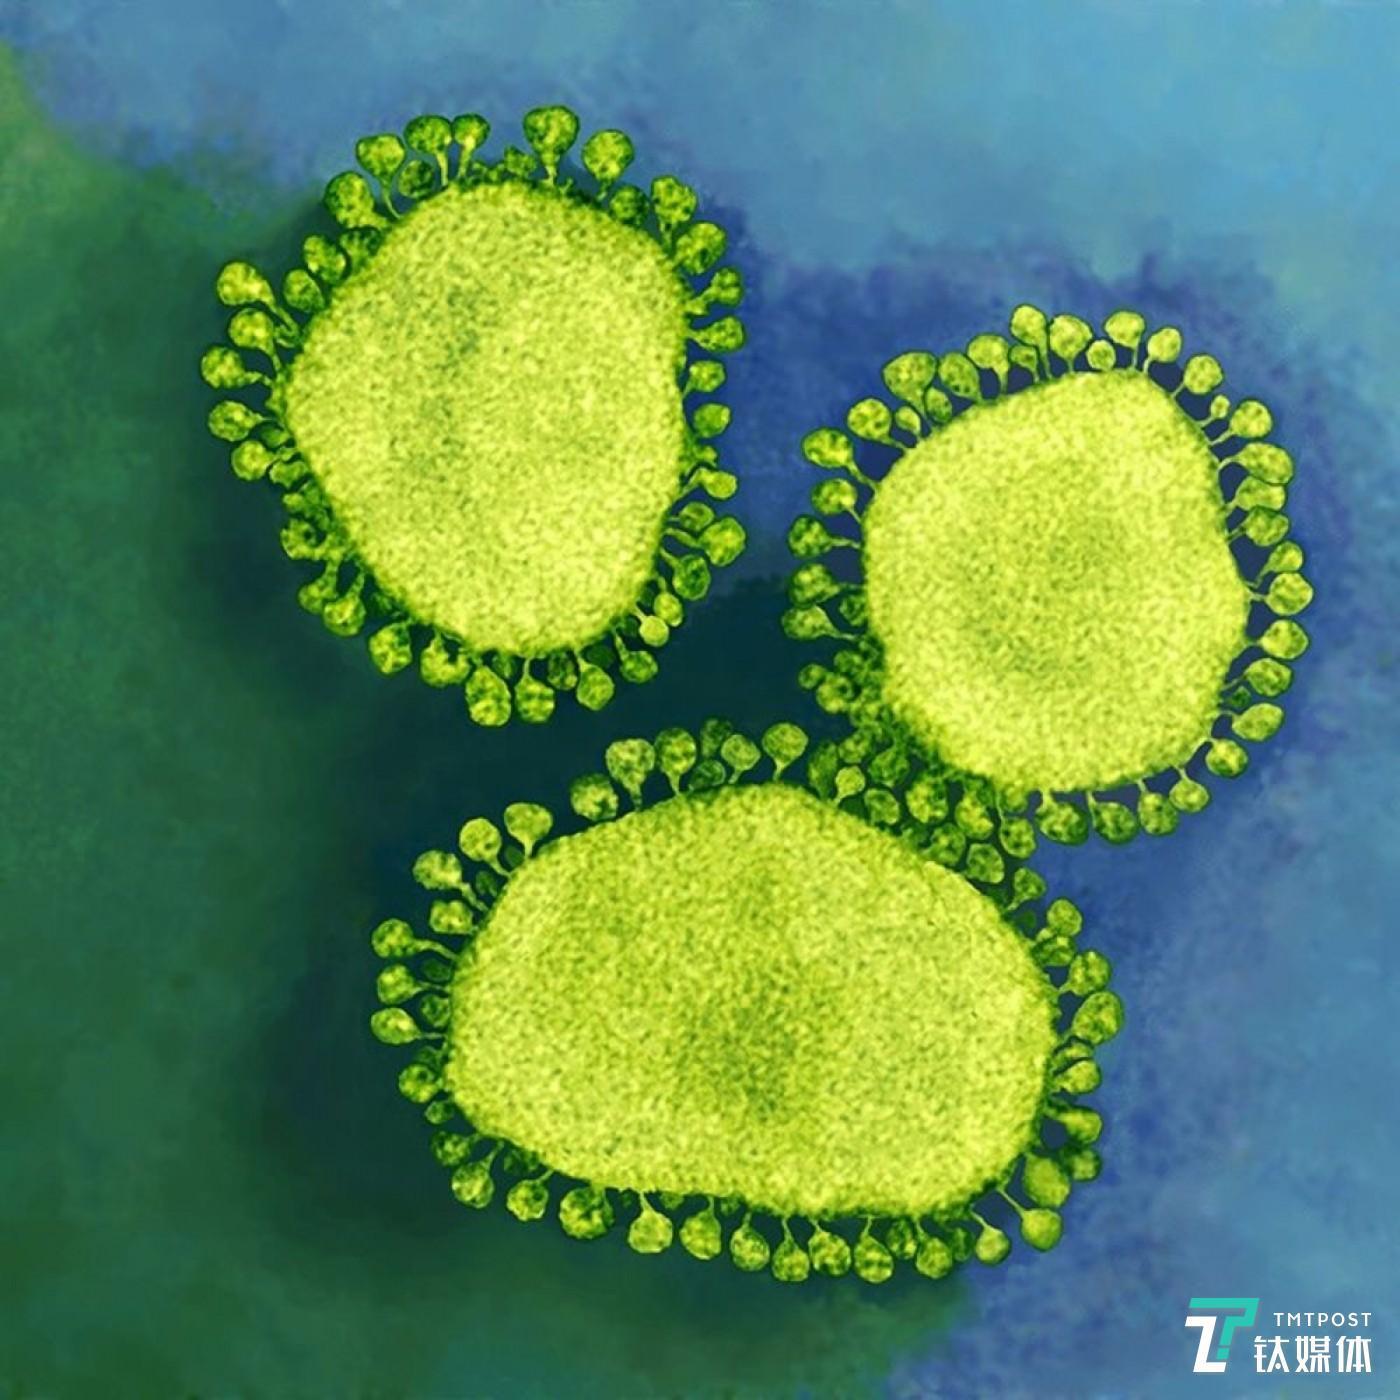 人体新冠病毒渲染图(来源:)